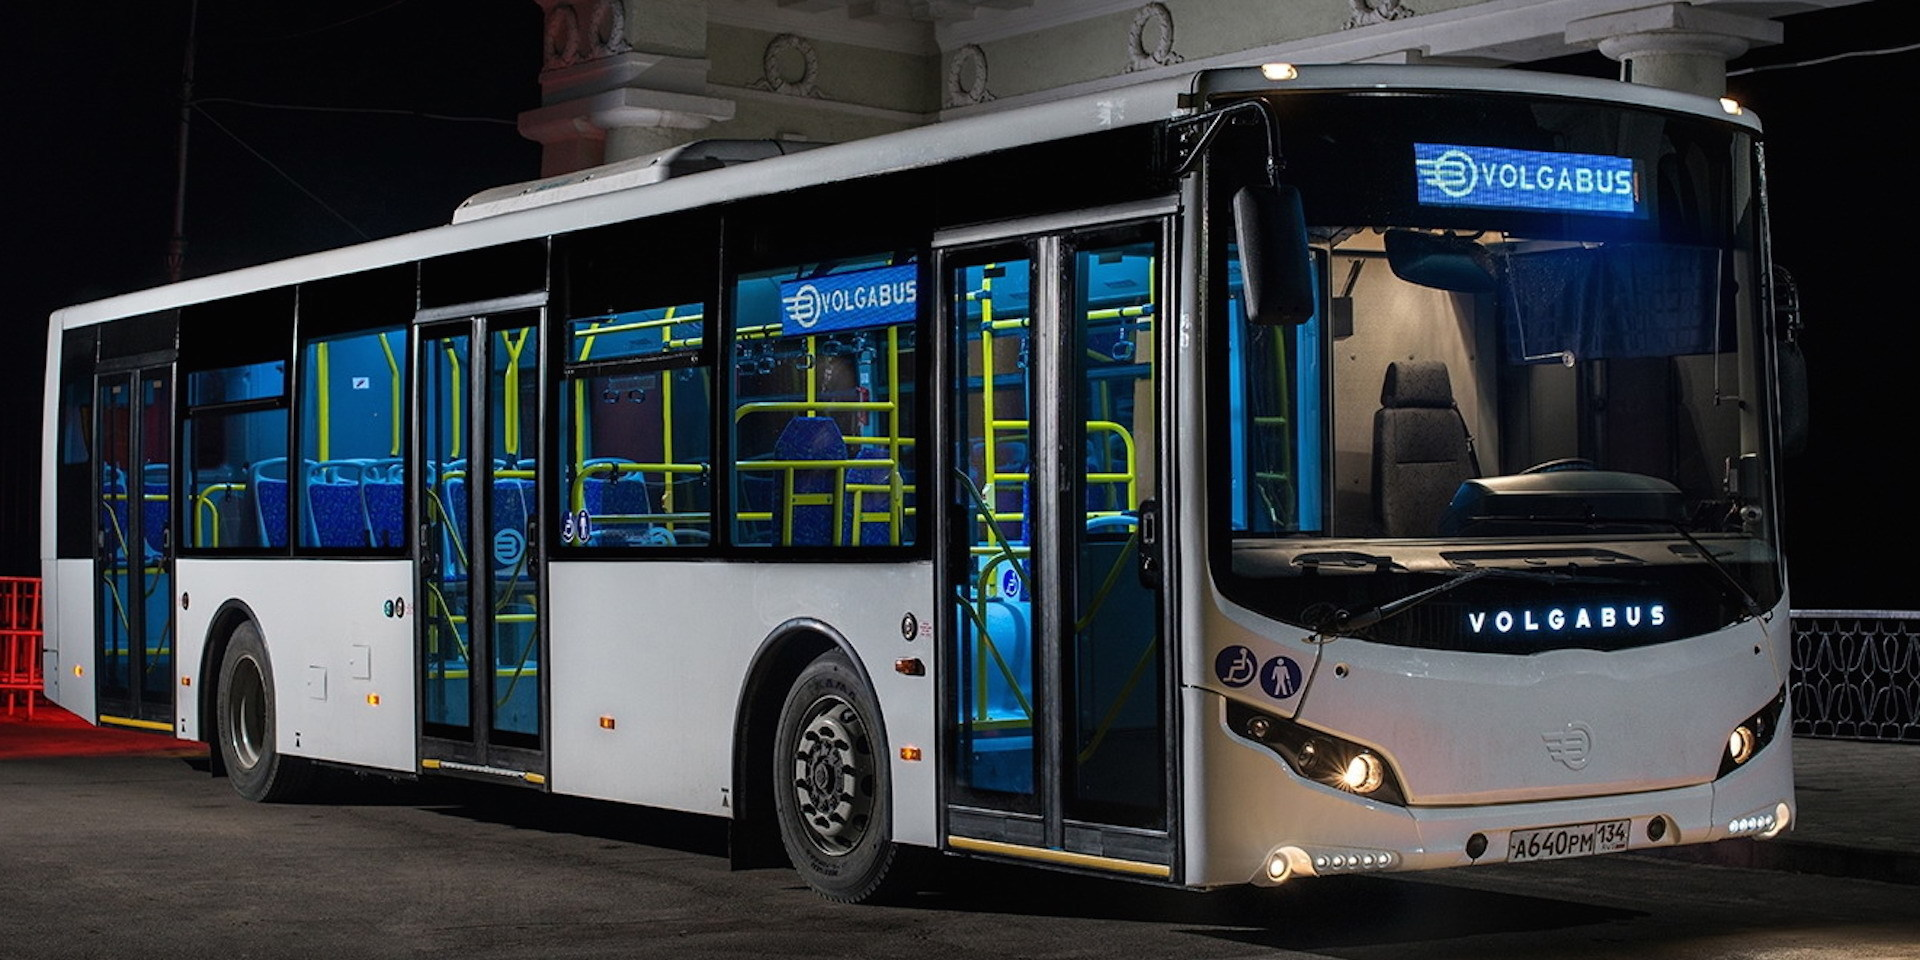 Компания Volgabus в 2016 году запустит производство первого электрического автобуса